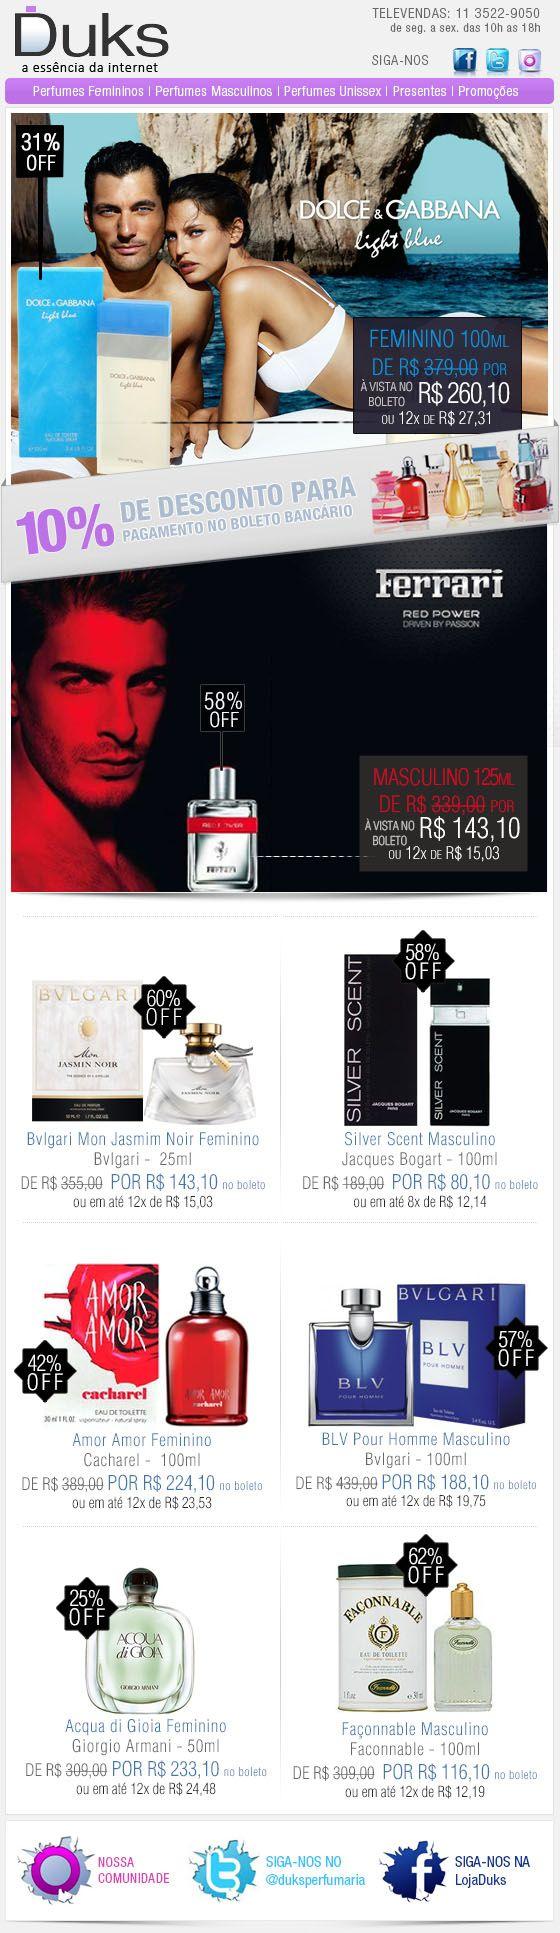 E-mail Marketing Duks Perfumes Promoção 13/01/2013 http://www.duks.com.br/sistema/custom.asp?IDLoja=11220&arq=emkt_01_13.htm&int=1&origem=emailmkt